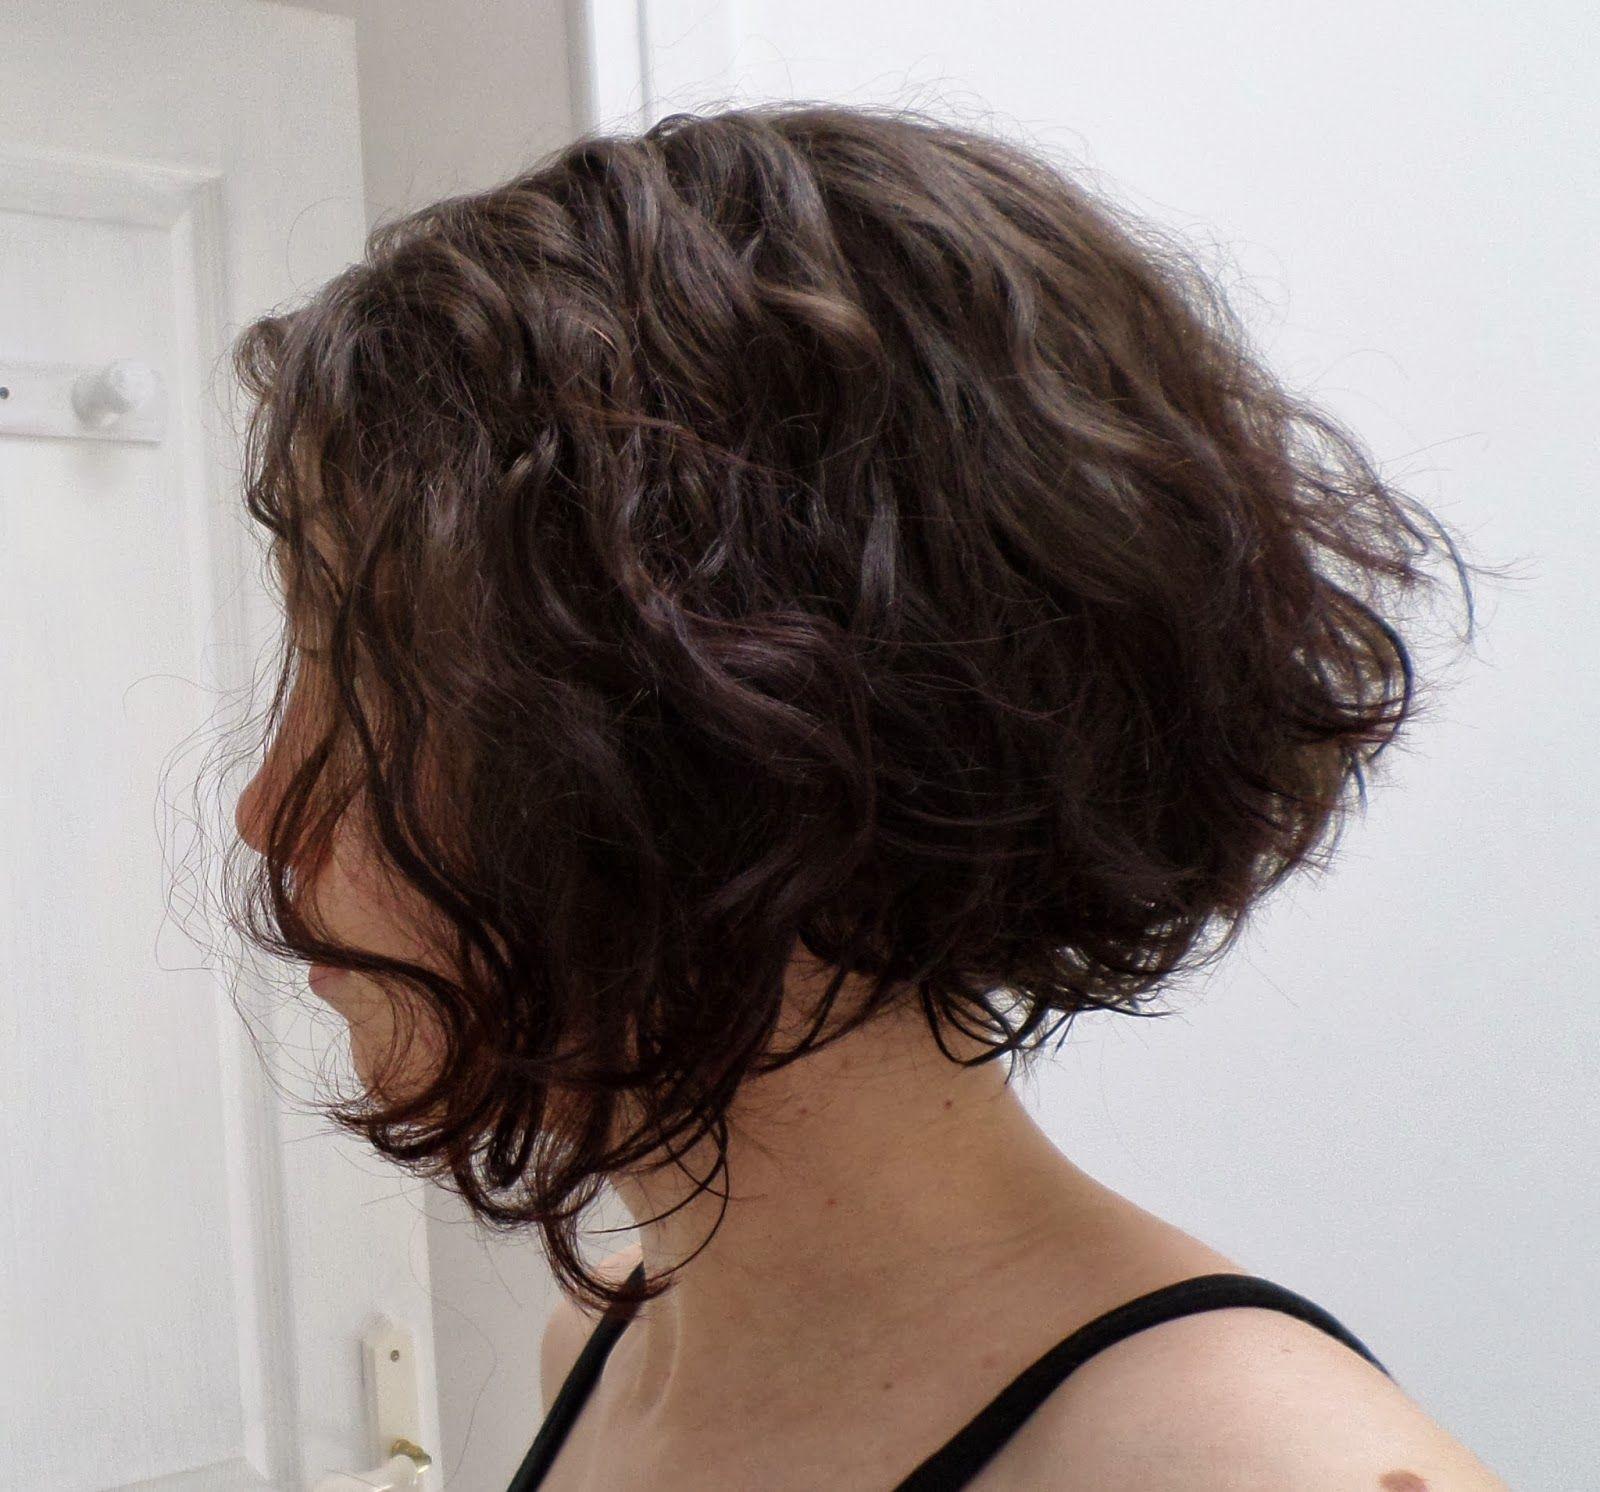 Se couper les cheveux long tout seul